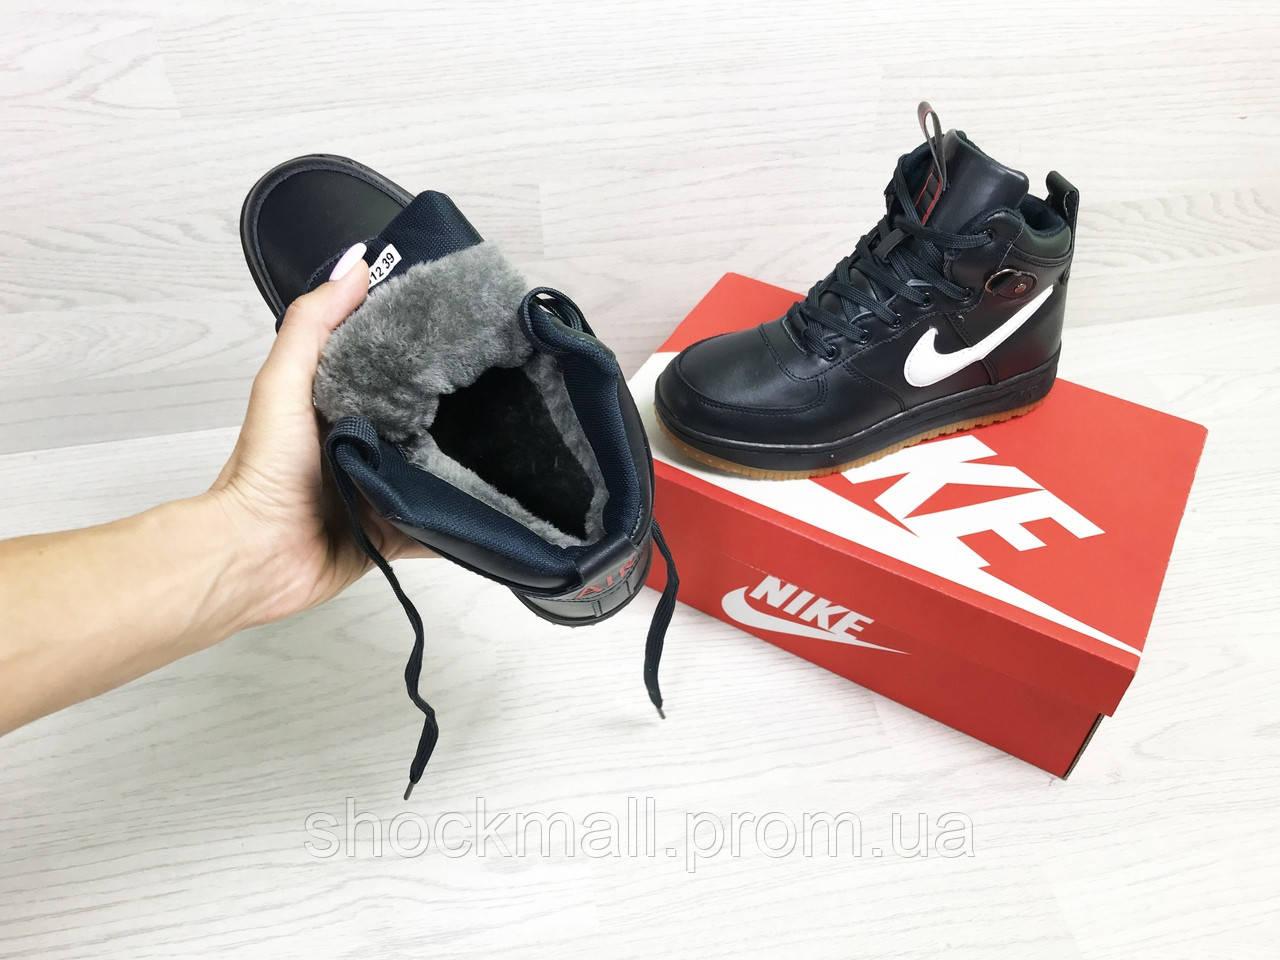 Кроссовки подростковые Nike Air Force LF-1 высокие синие реплика ... 69a66951ed635